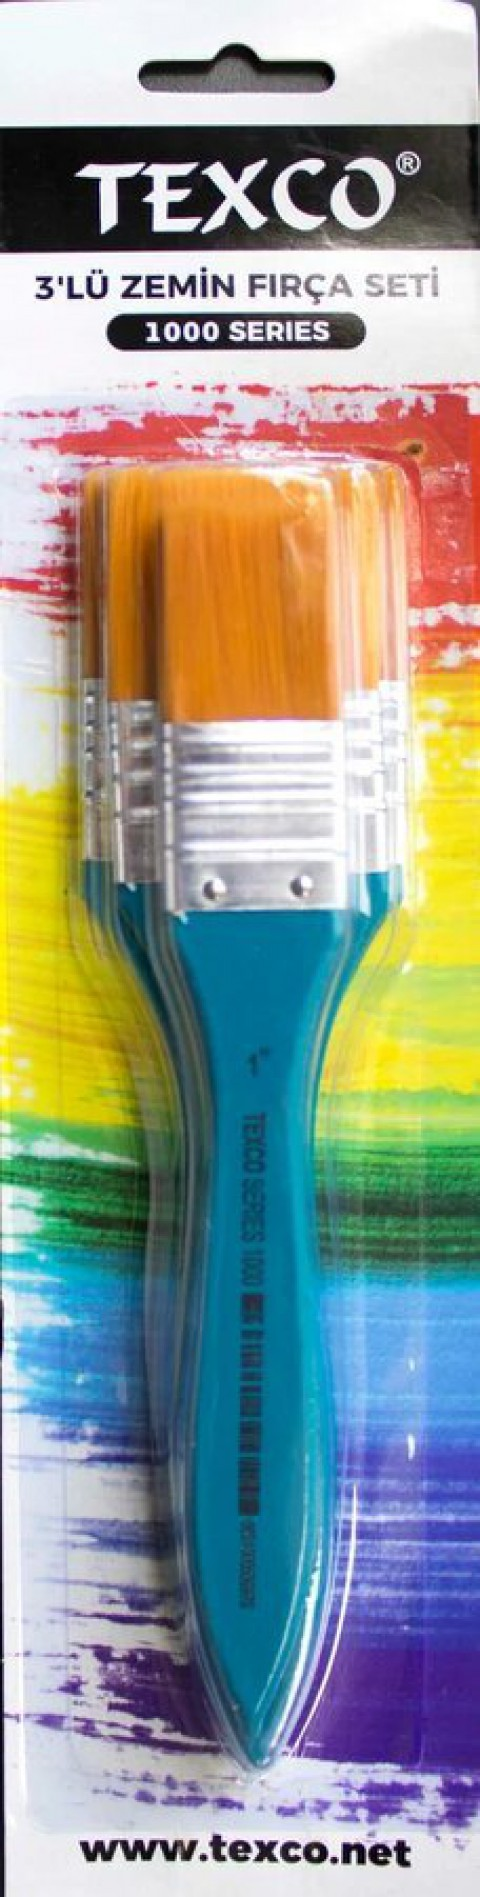 Rich Texco 3'lü Zemin Set Fırça Turkuaz 1500 Seri